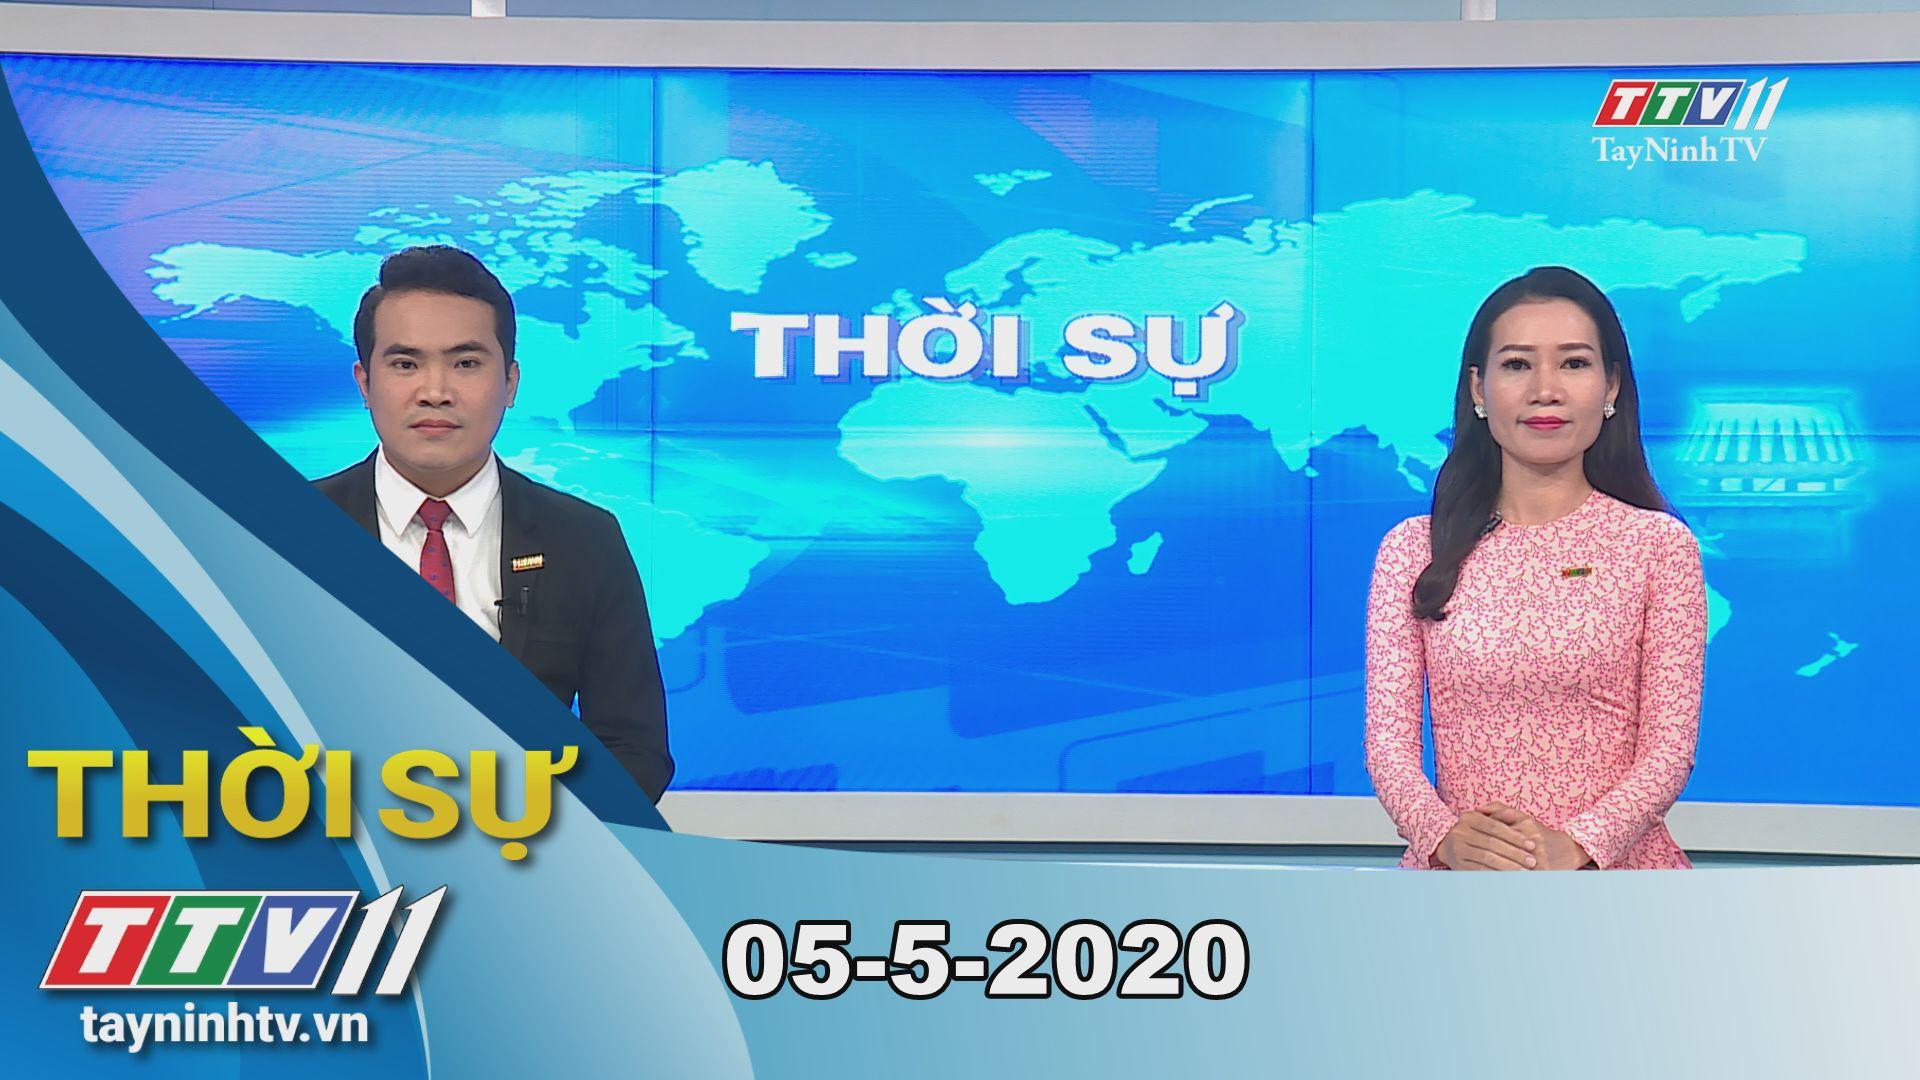 Thời sự Tây Ninh 05-5-2020 | Tin tức hôm nay | TayNinhTV